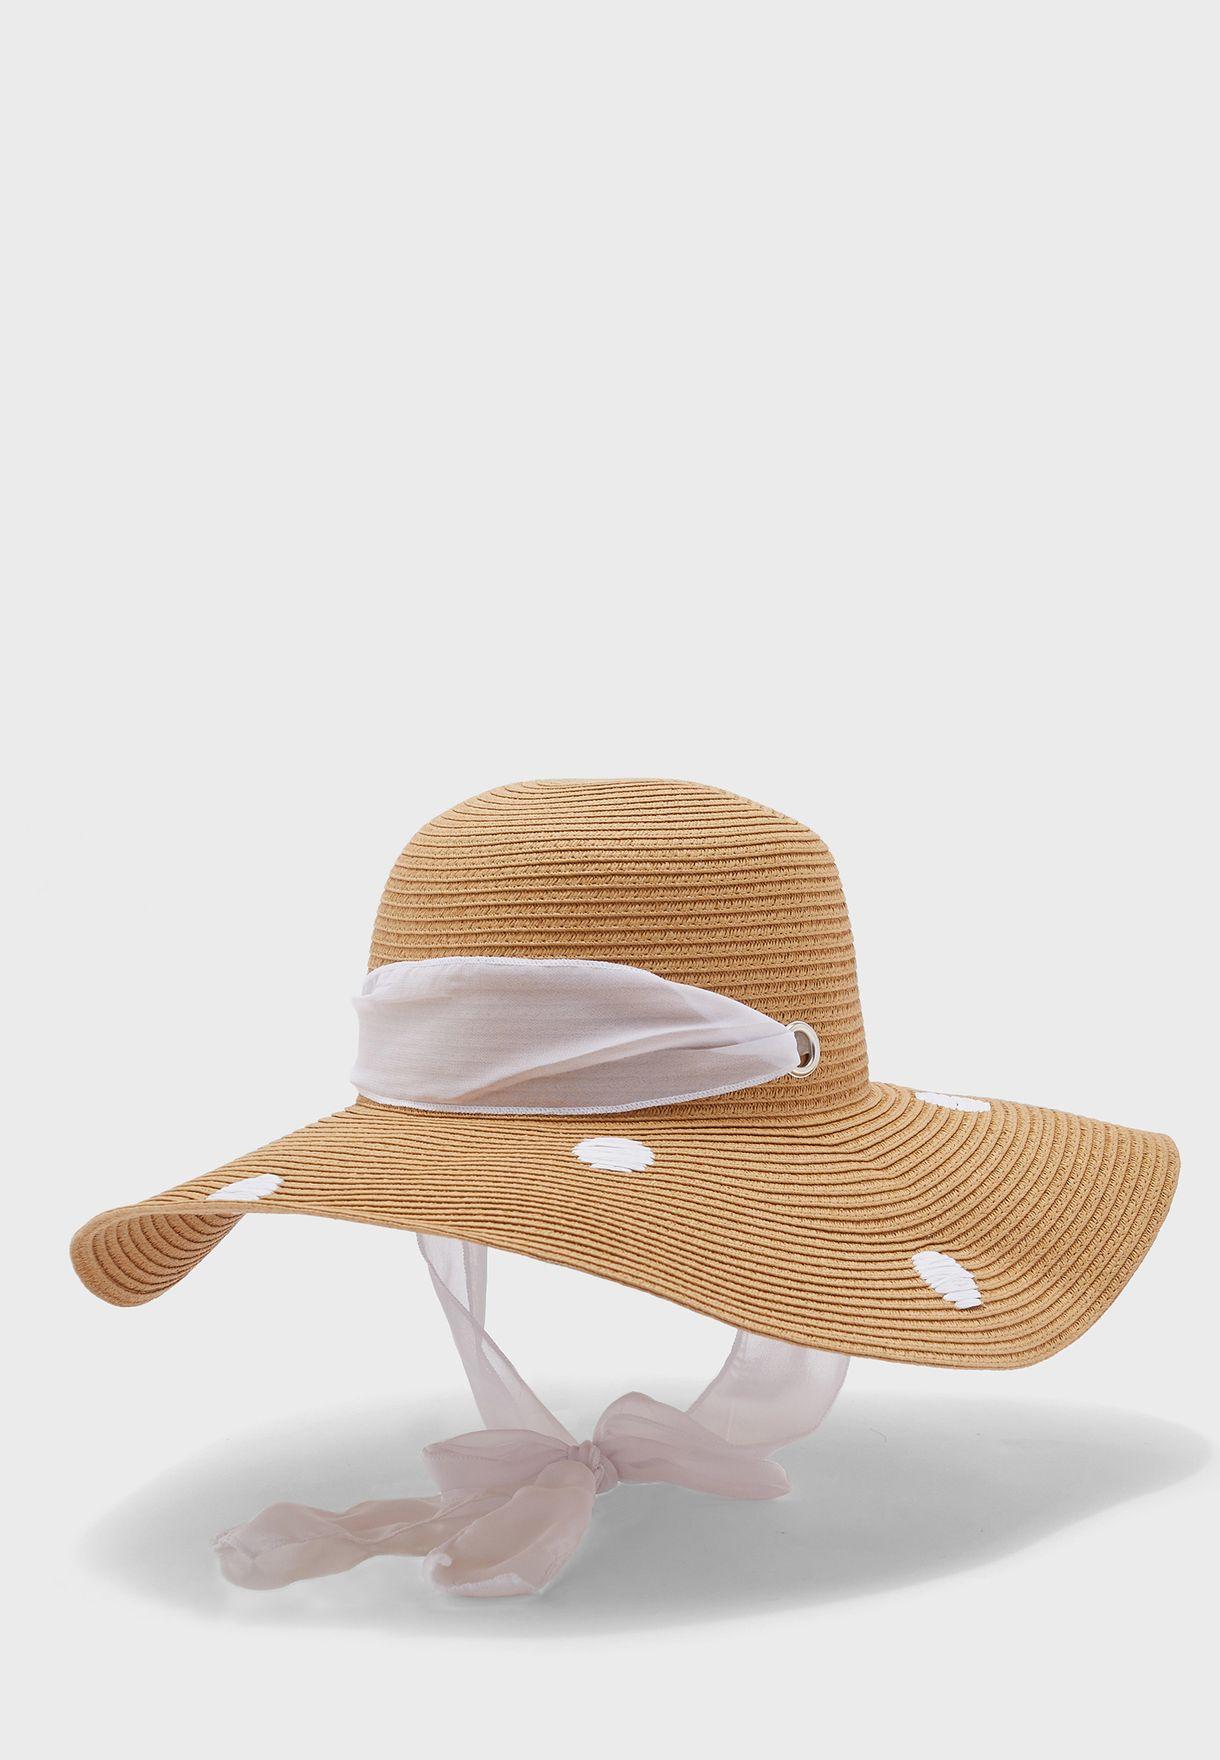 قبعة قش بطبعة نقاط بولكا